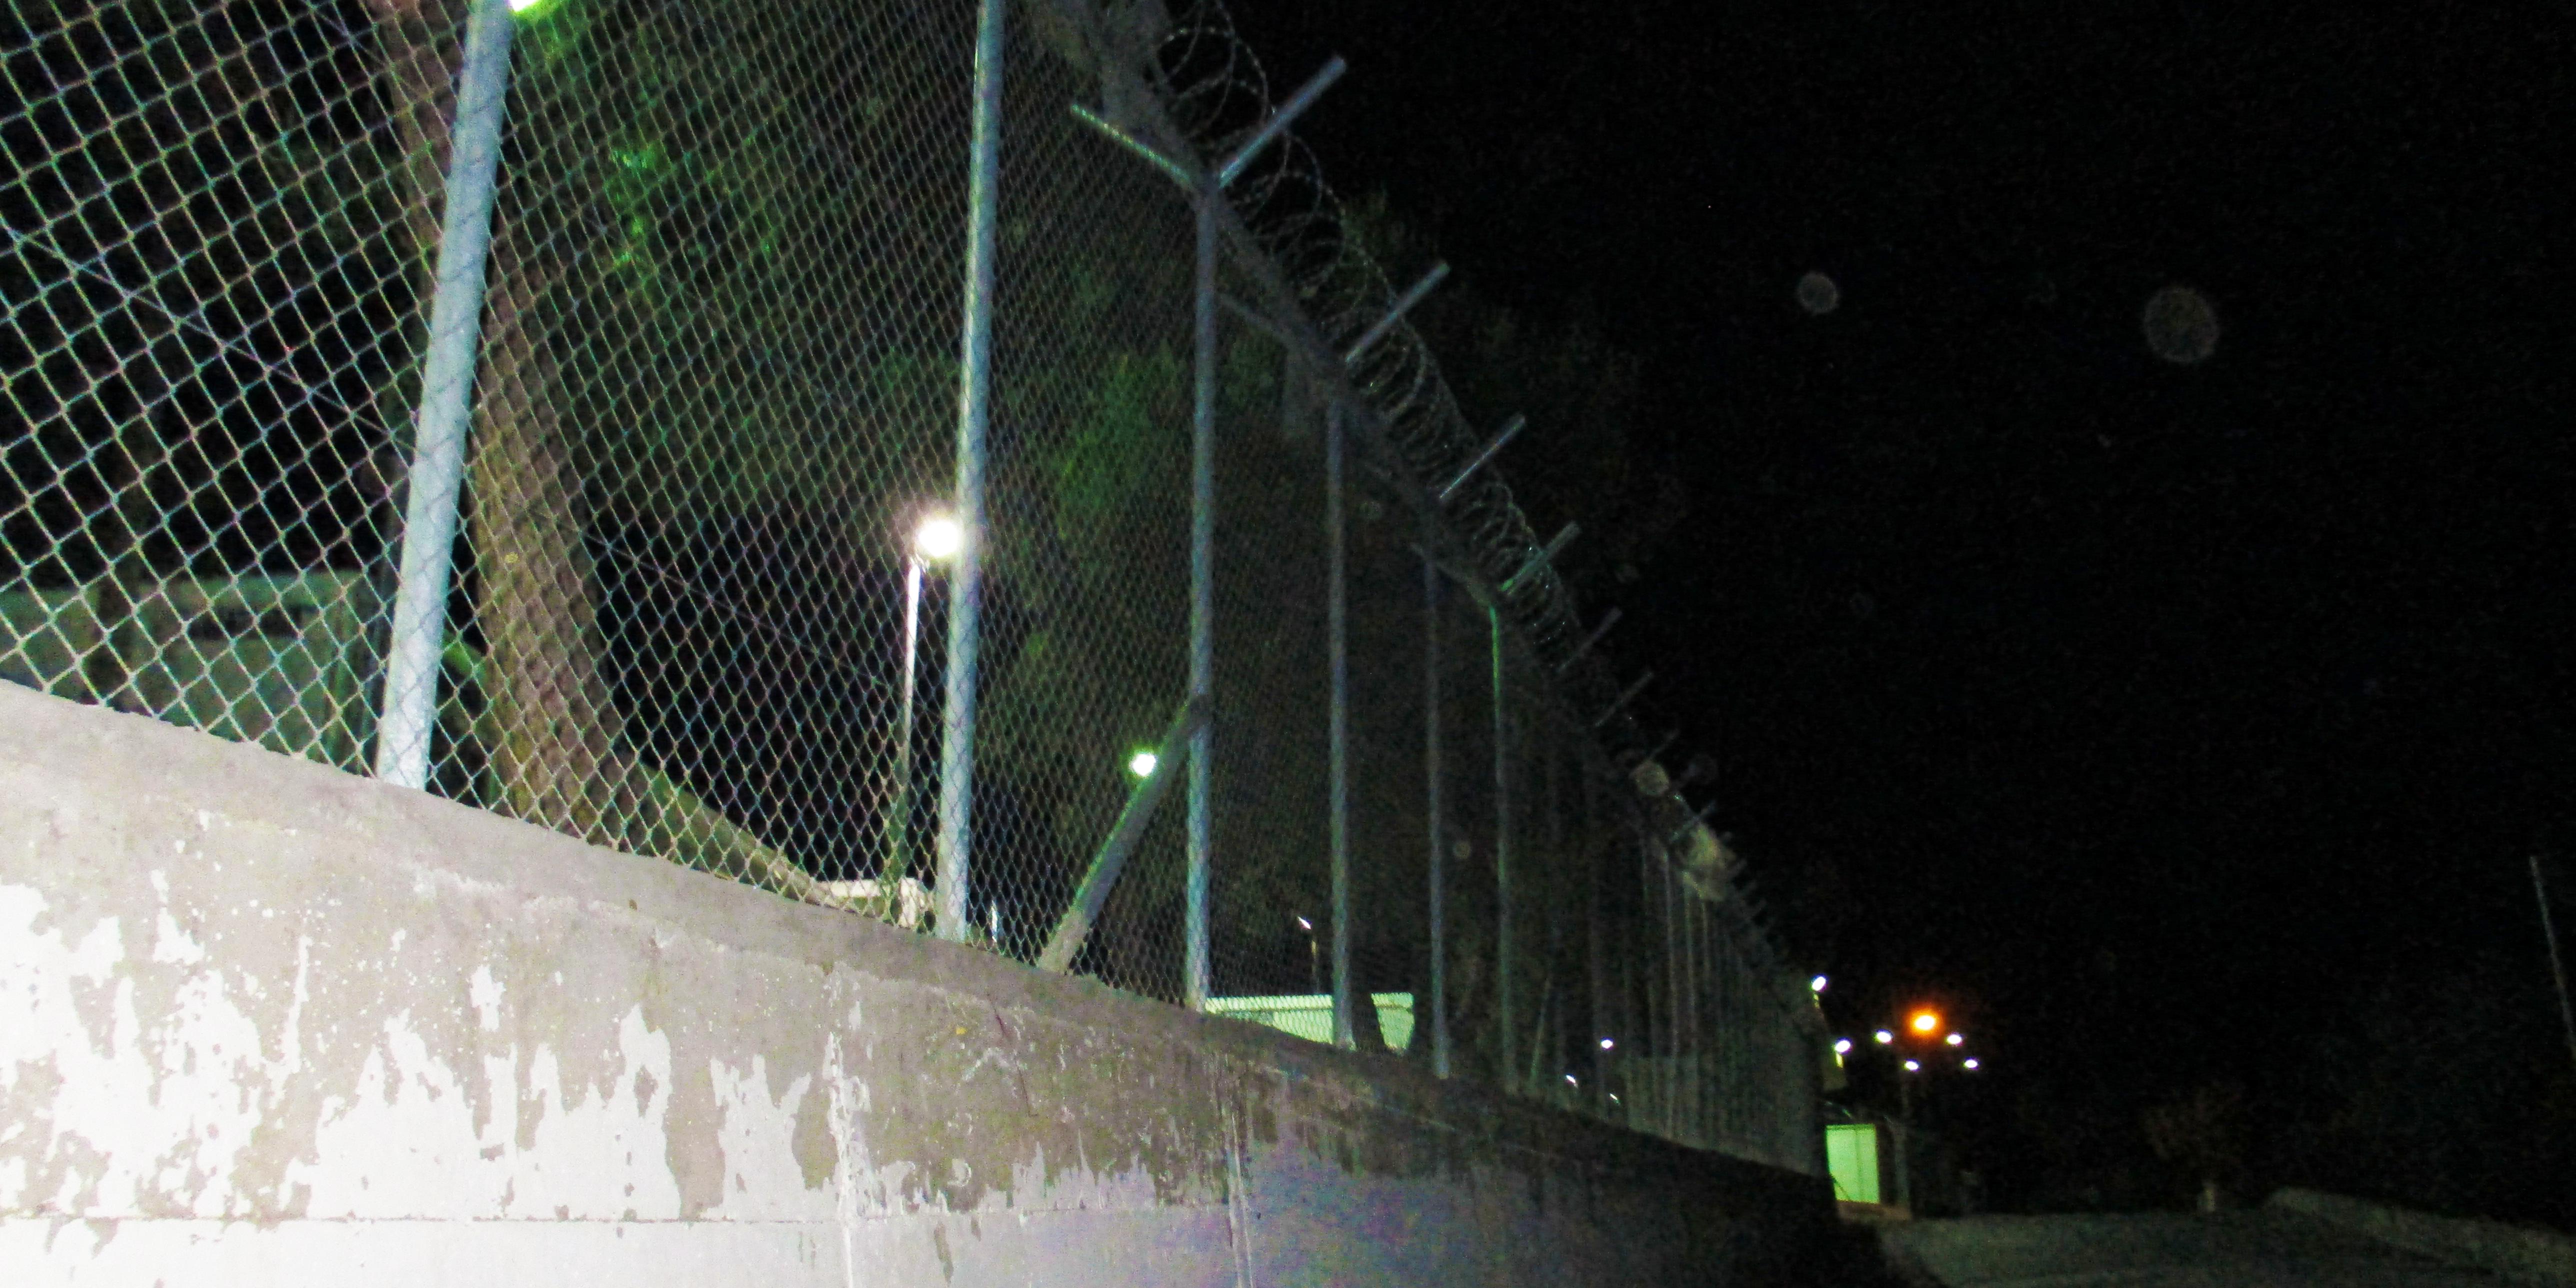 Refugee Camp Moria Lesbos, Greece